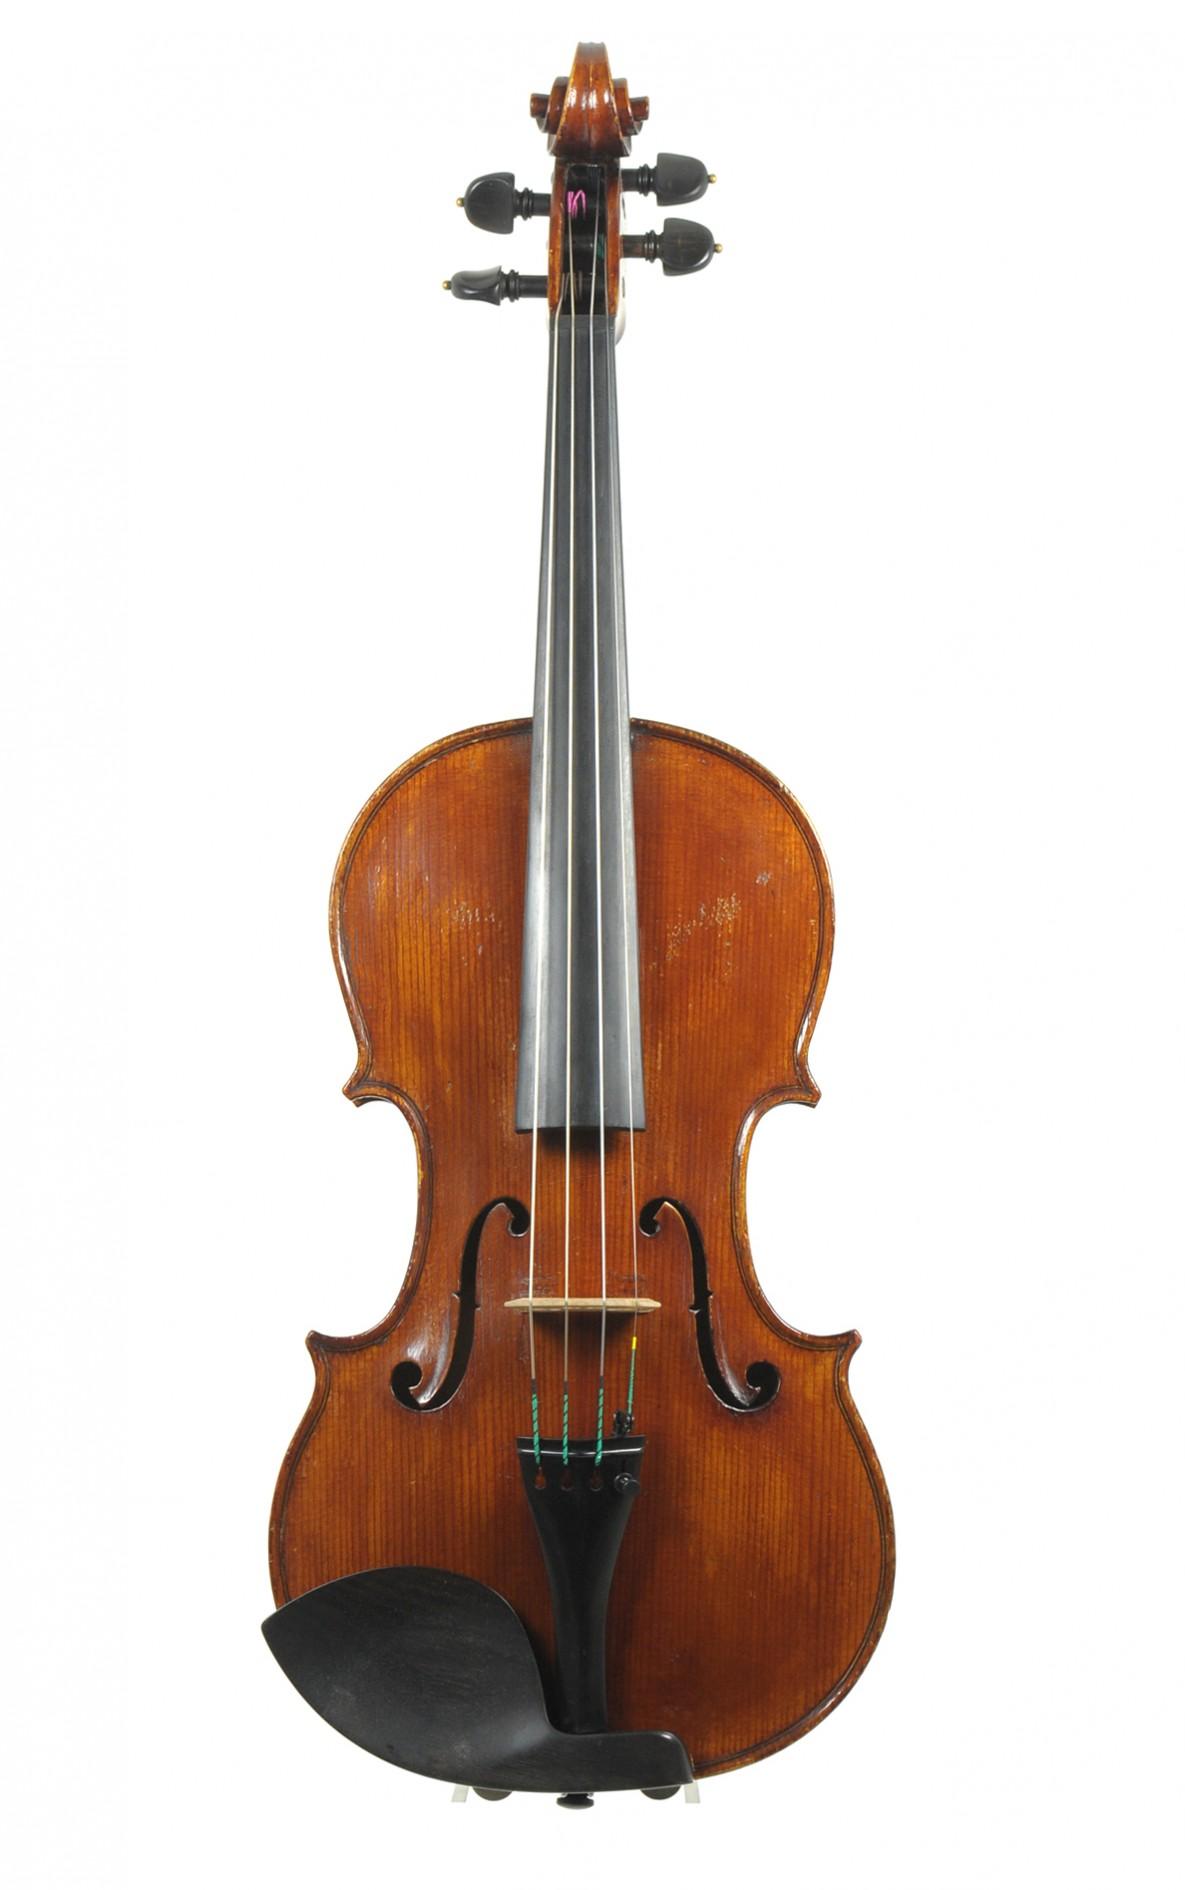 Fernando Montavoci, seltene italienische Geige, 1926